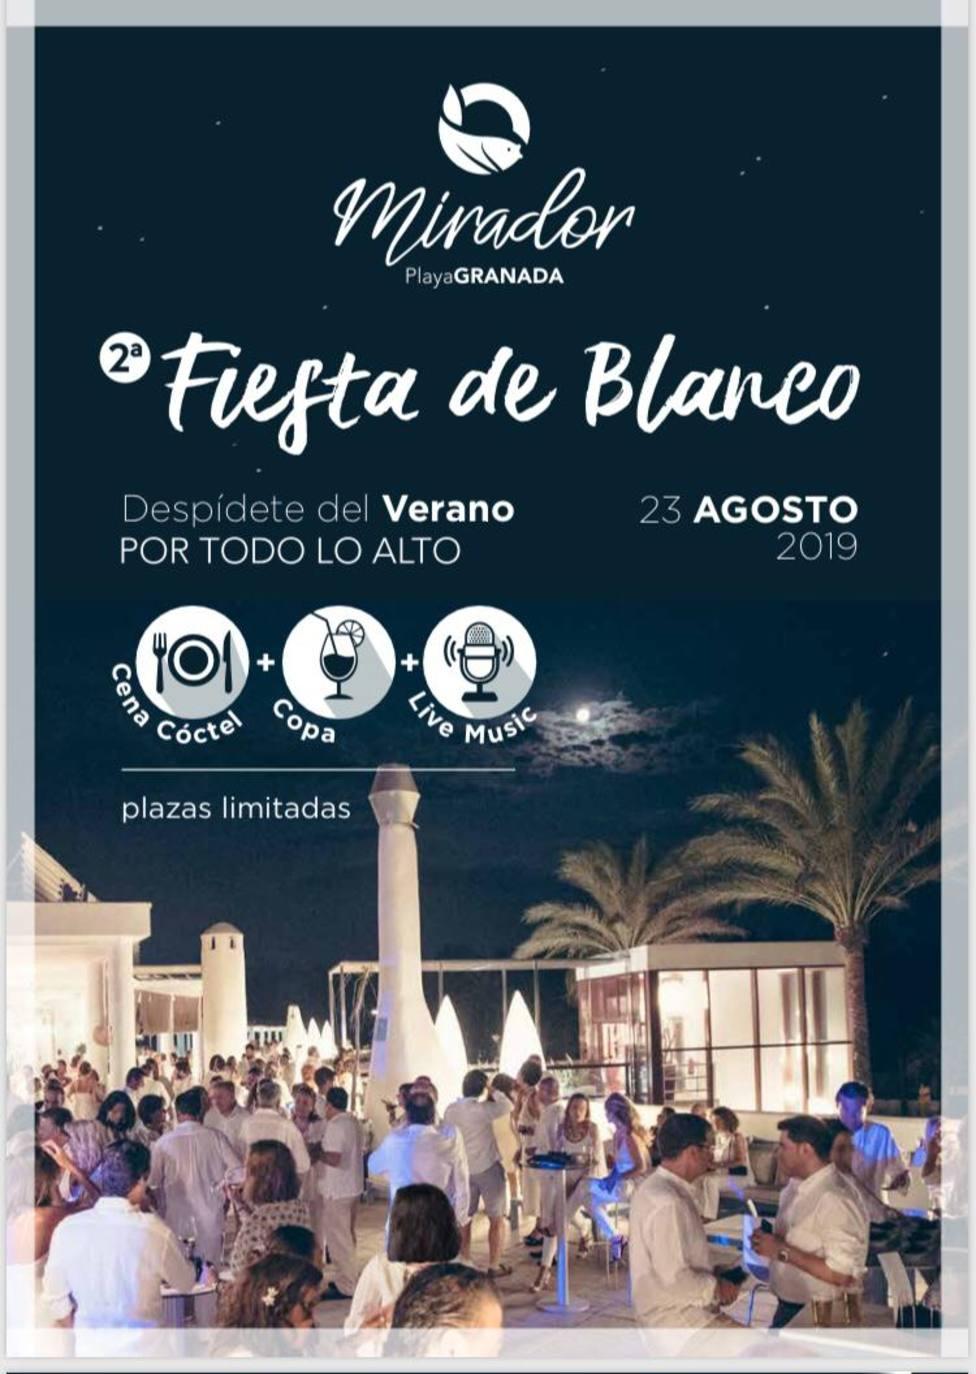 Fiesta de Blanco Mirador Playa Granada